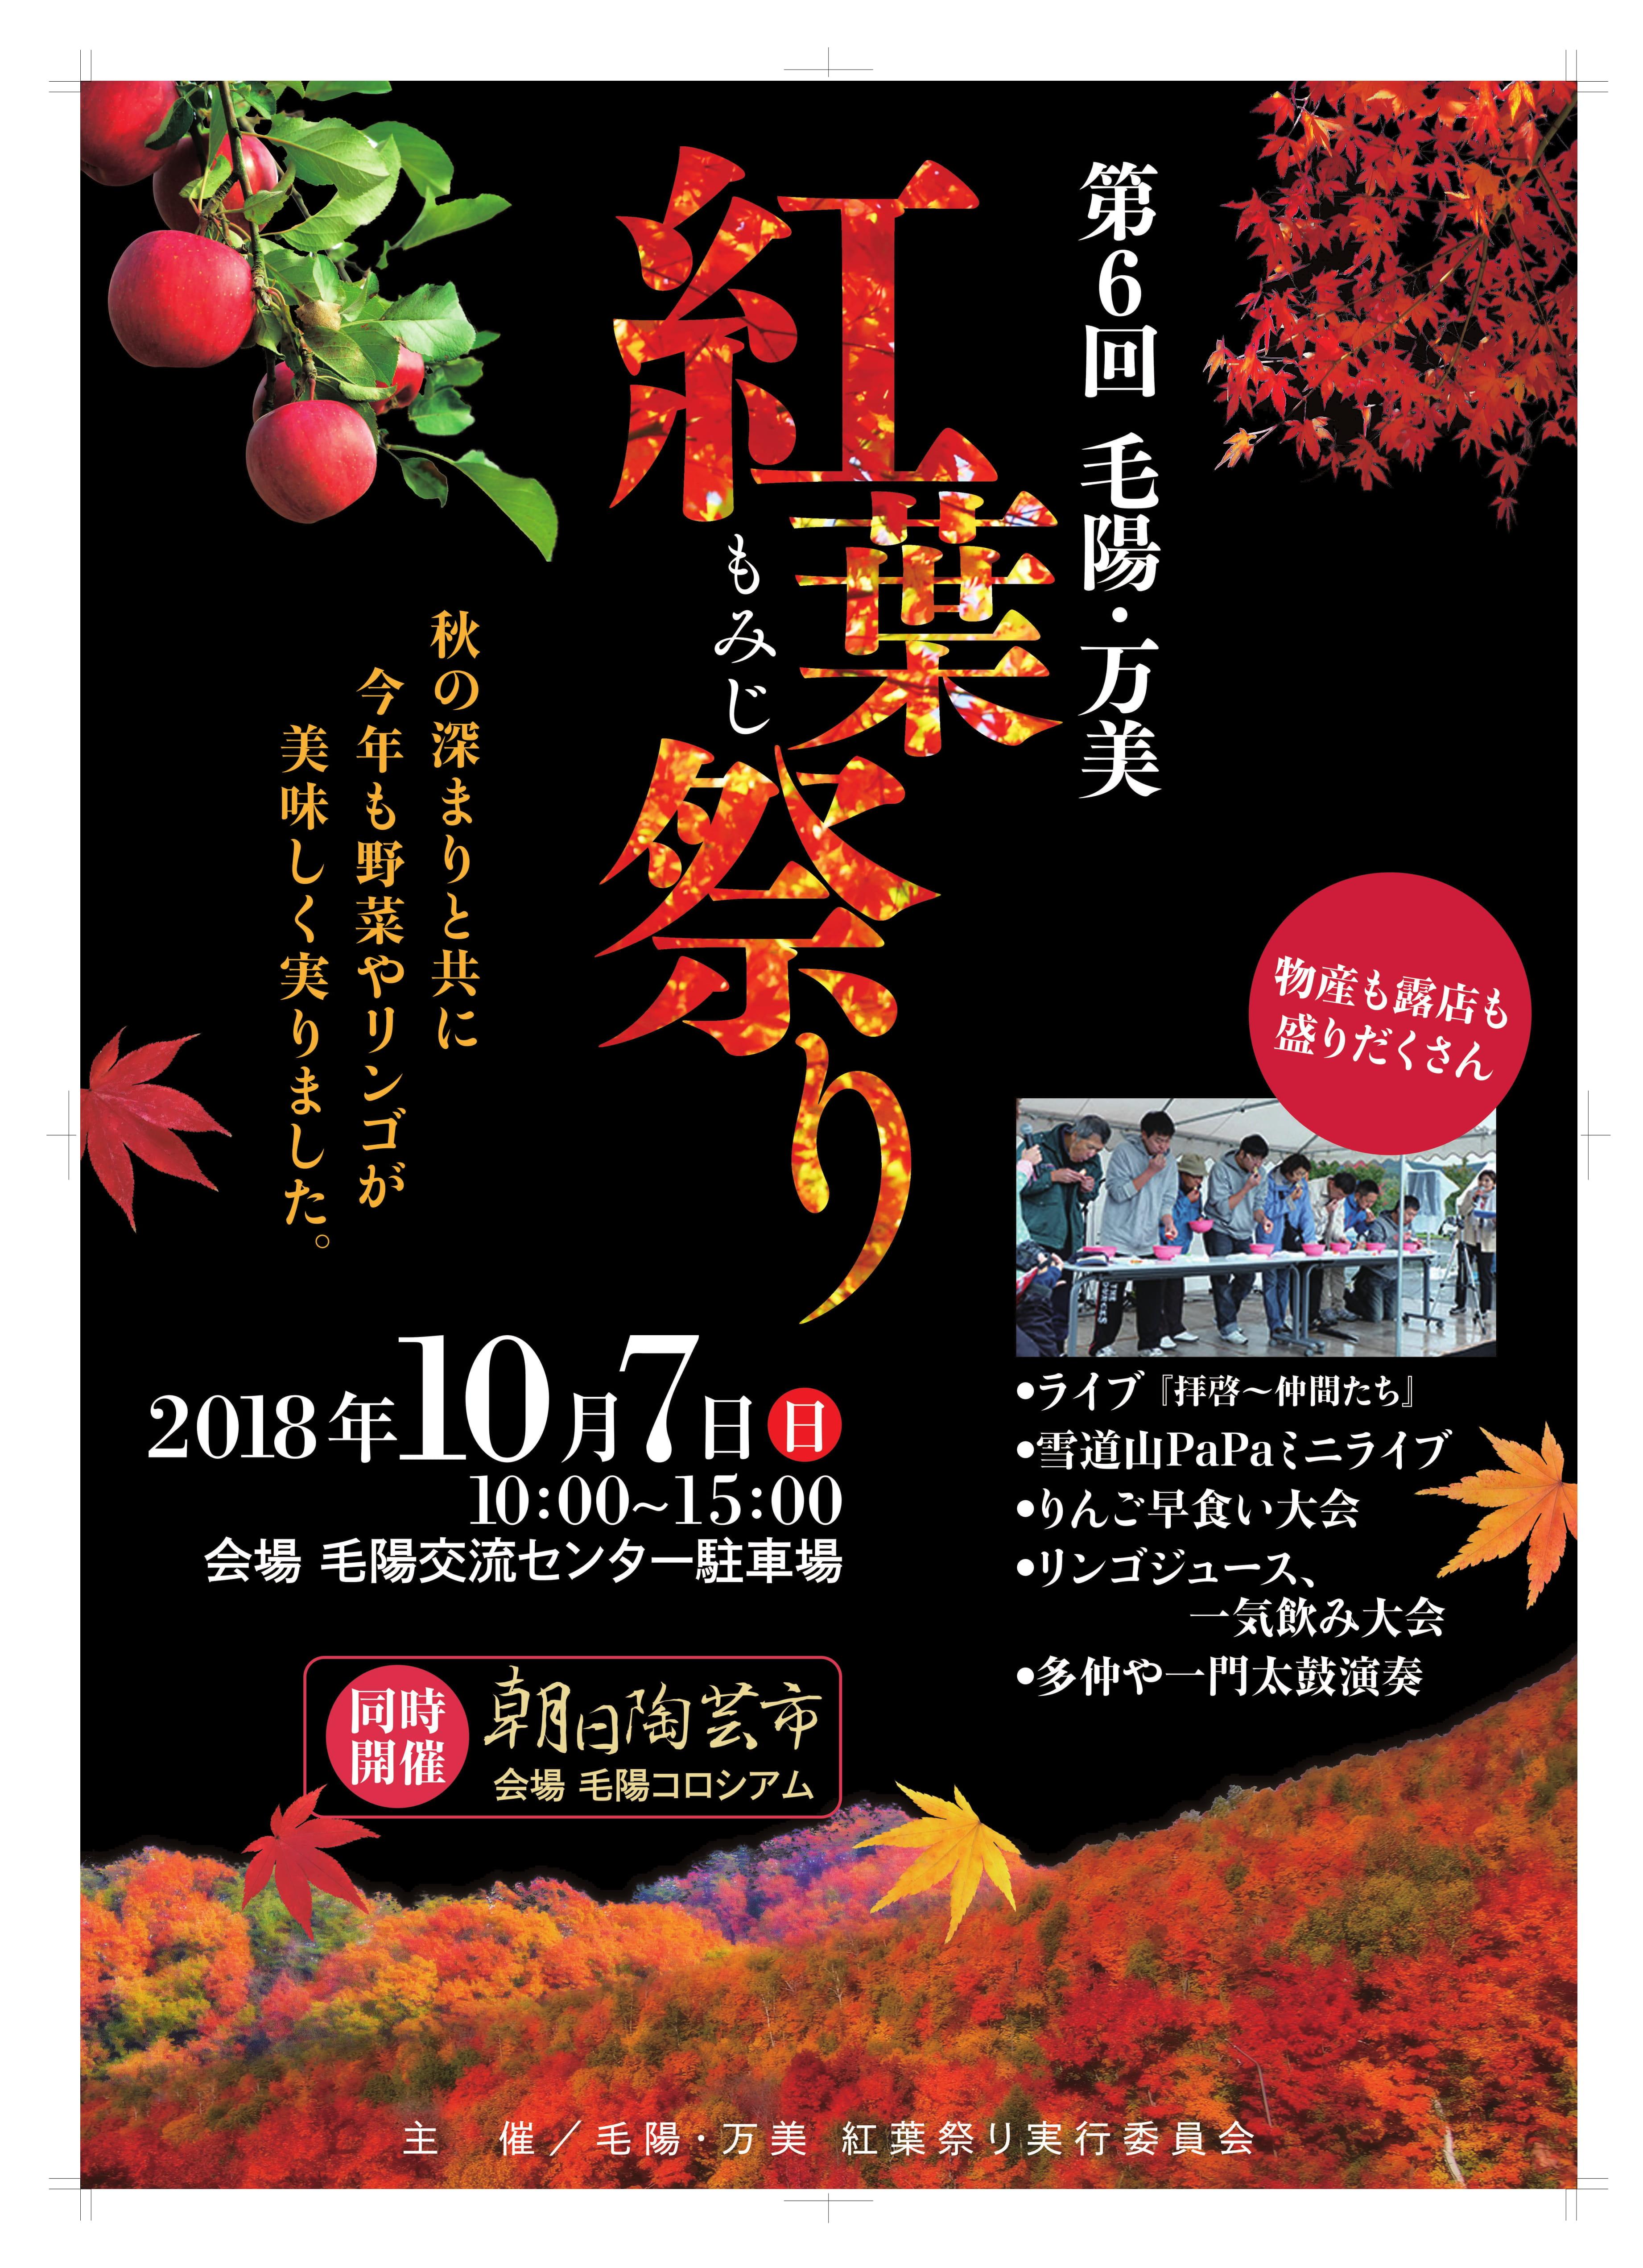 H30紅葉祭り 最終デザイン ポスター-1